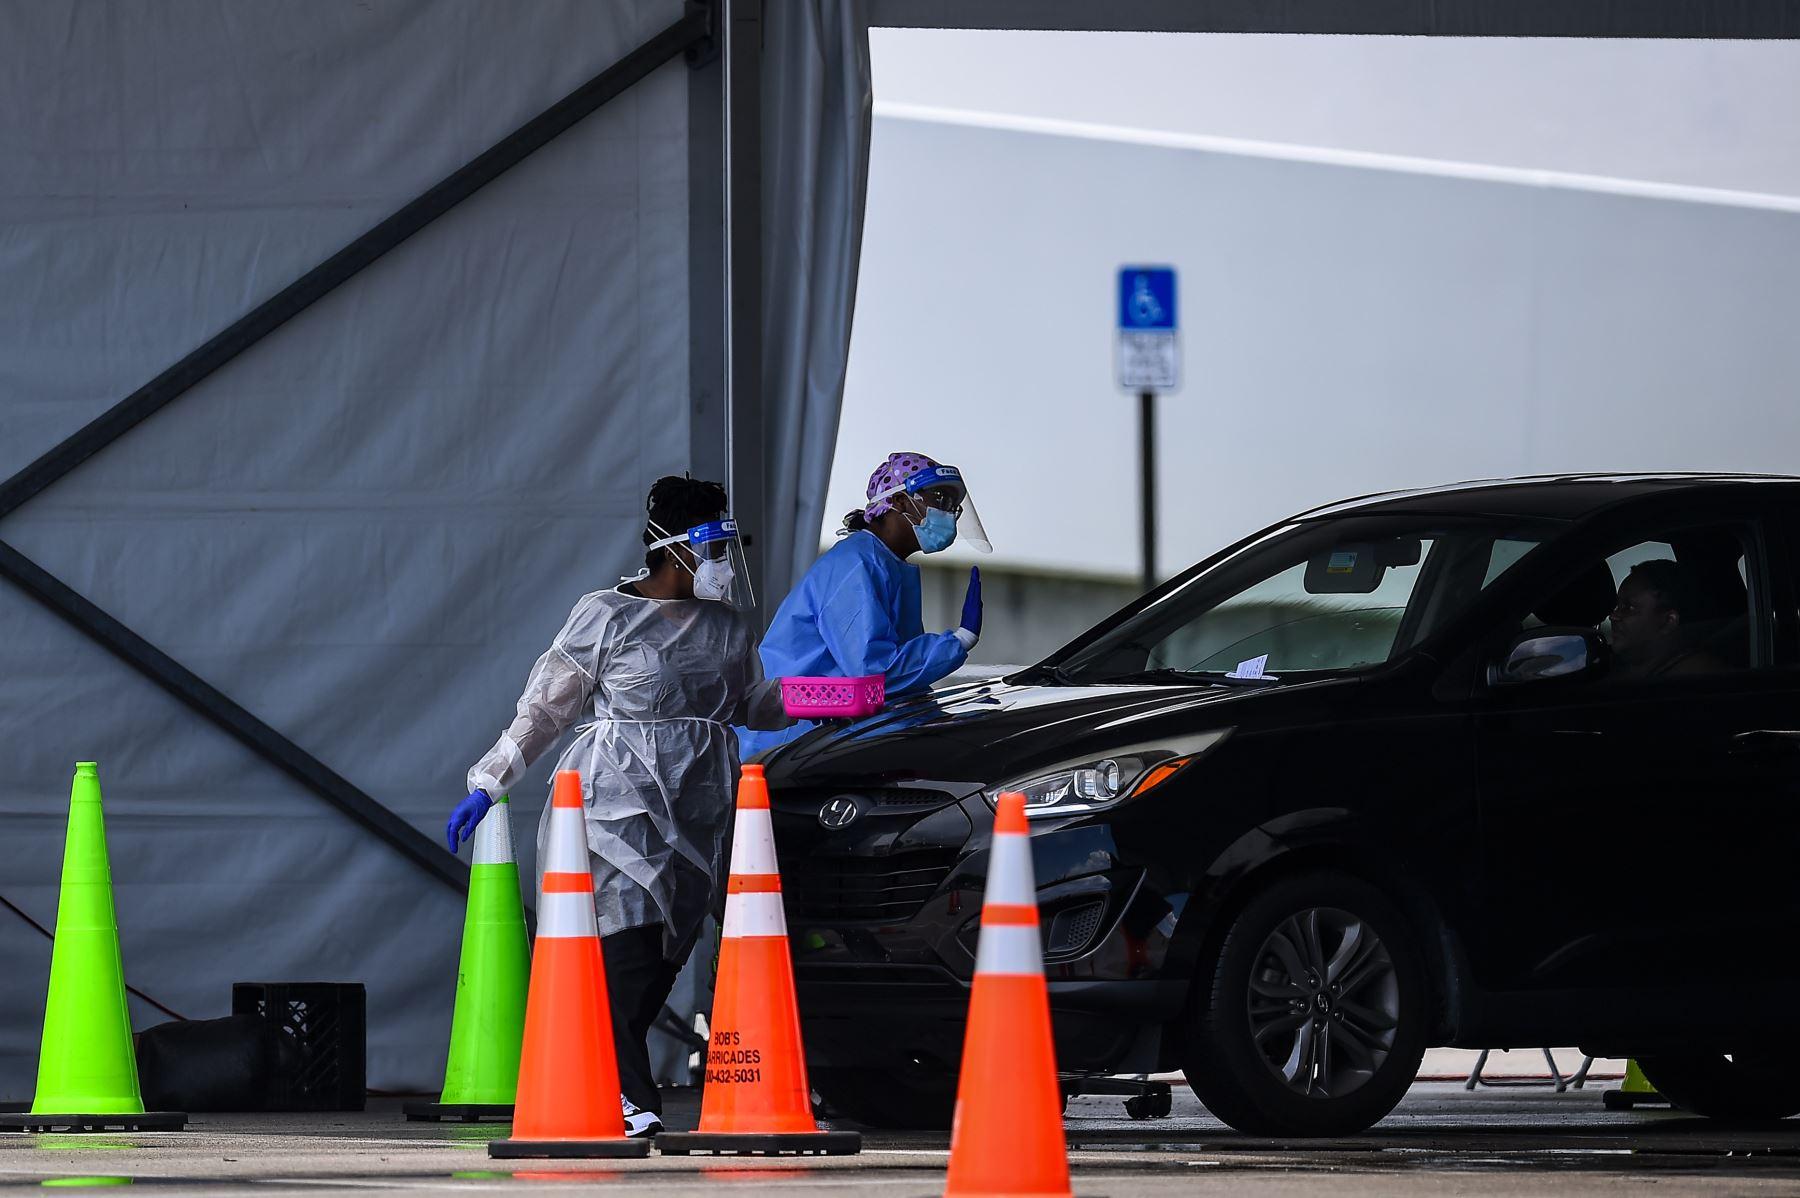 El personal médico se prepara para administrar una prueba rápida de coronavirus antigénico en el Hard Rock Stadium en Miami. Foto: AFP